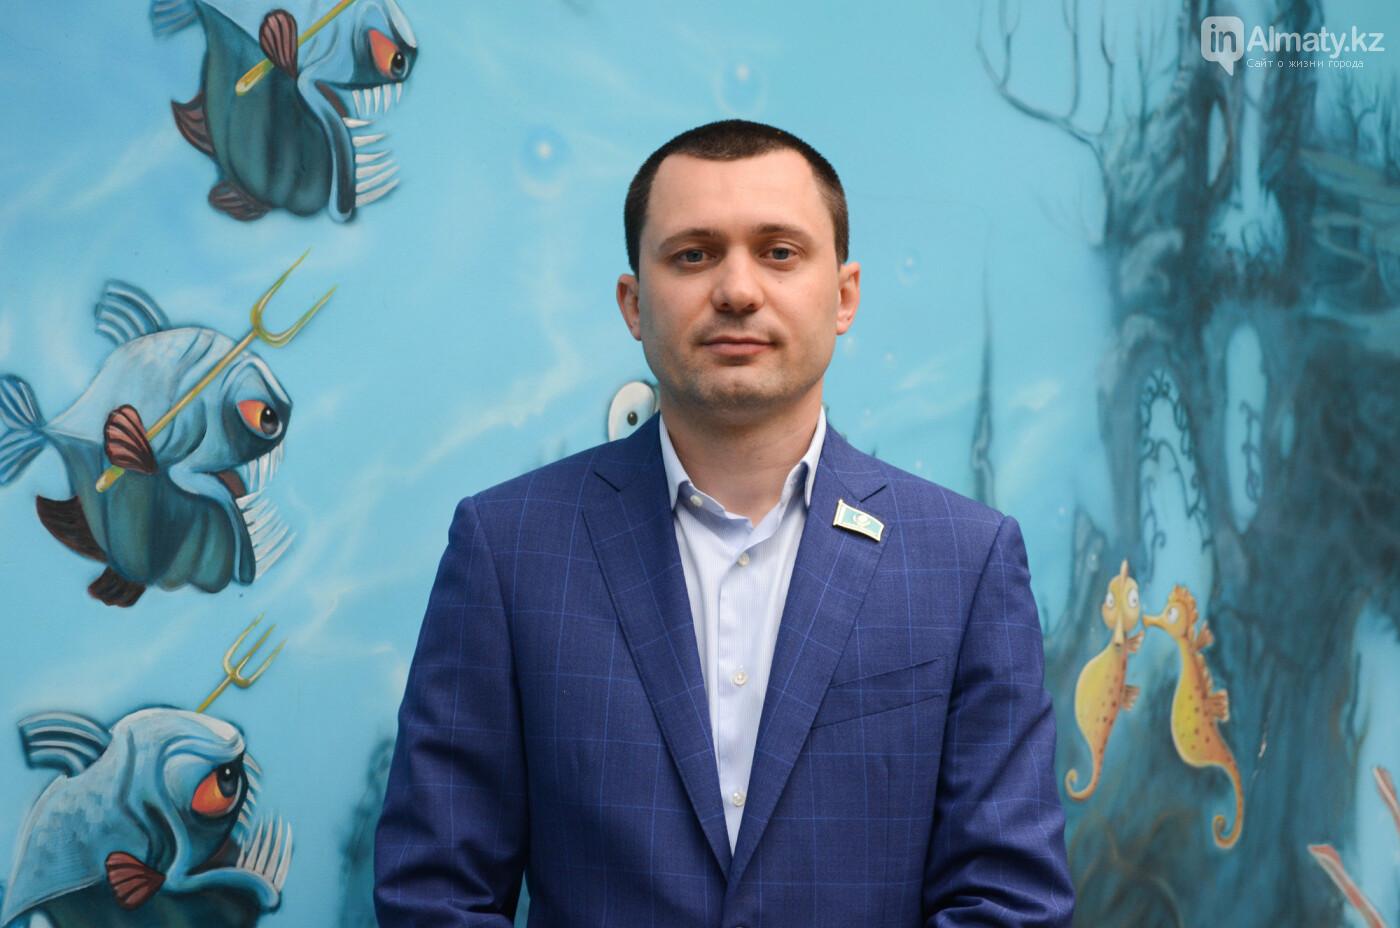 Барсы могут появиться здесь осенью: интервью нового директора Алматинского зоопарка, фото-10